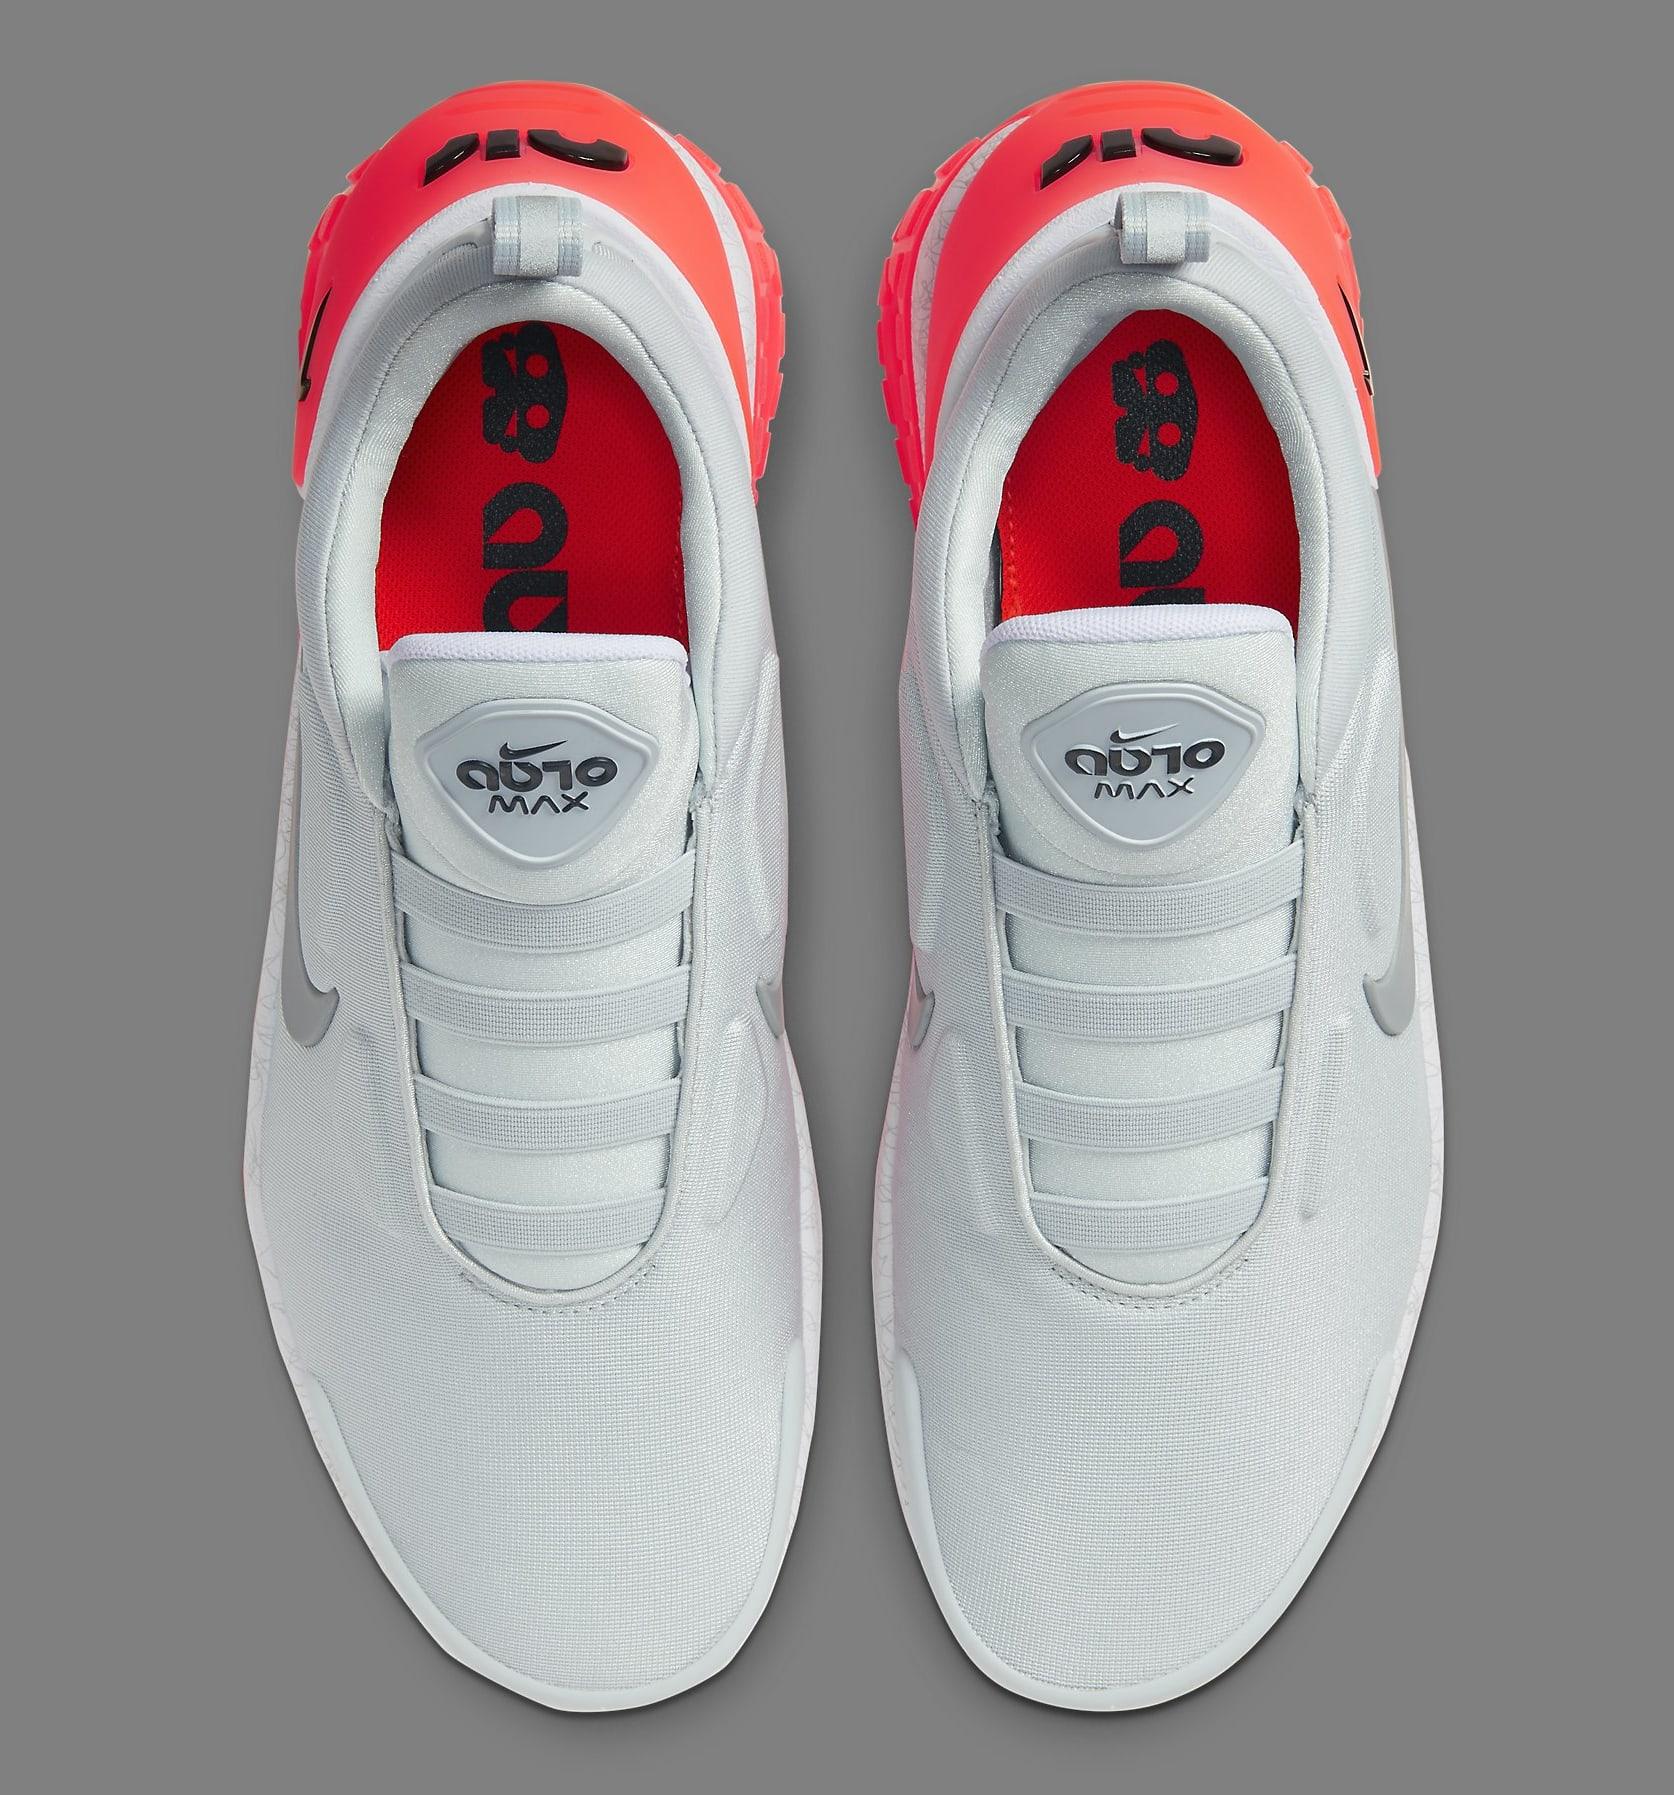 Nike Adapt Auto Max 'Infrared' CI5018-002 Top